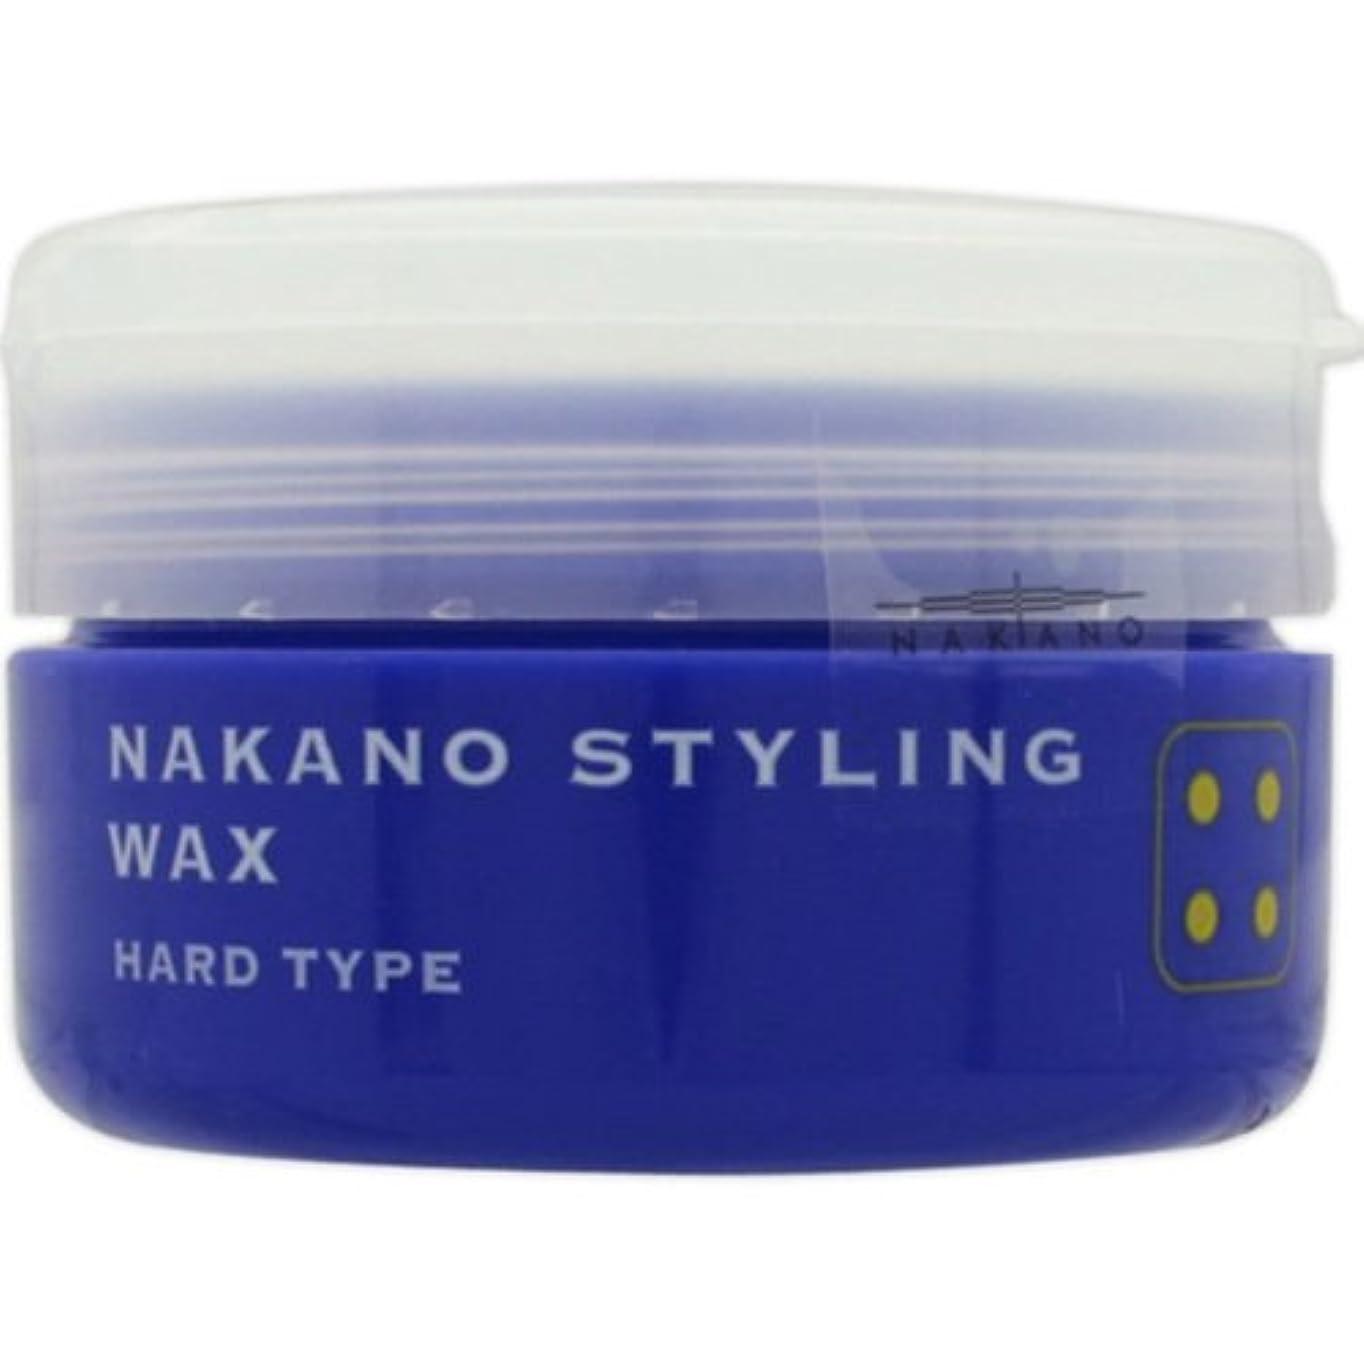 有能な一貫した再生的ナカノ スタイリングワックス 4 ハードタイプ 90g 中野製薬 NAKANO [並行輸入品]